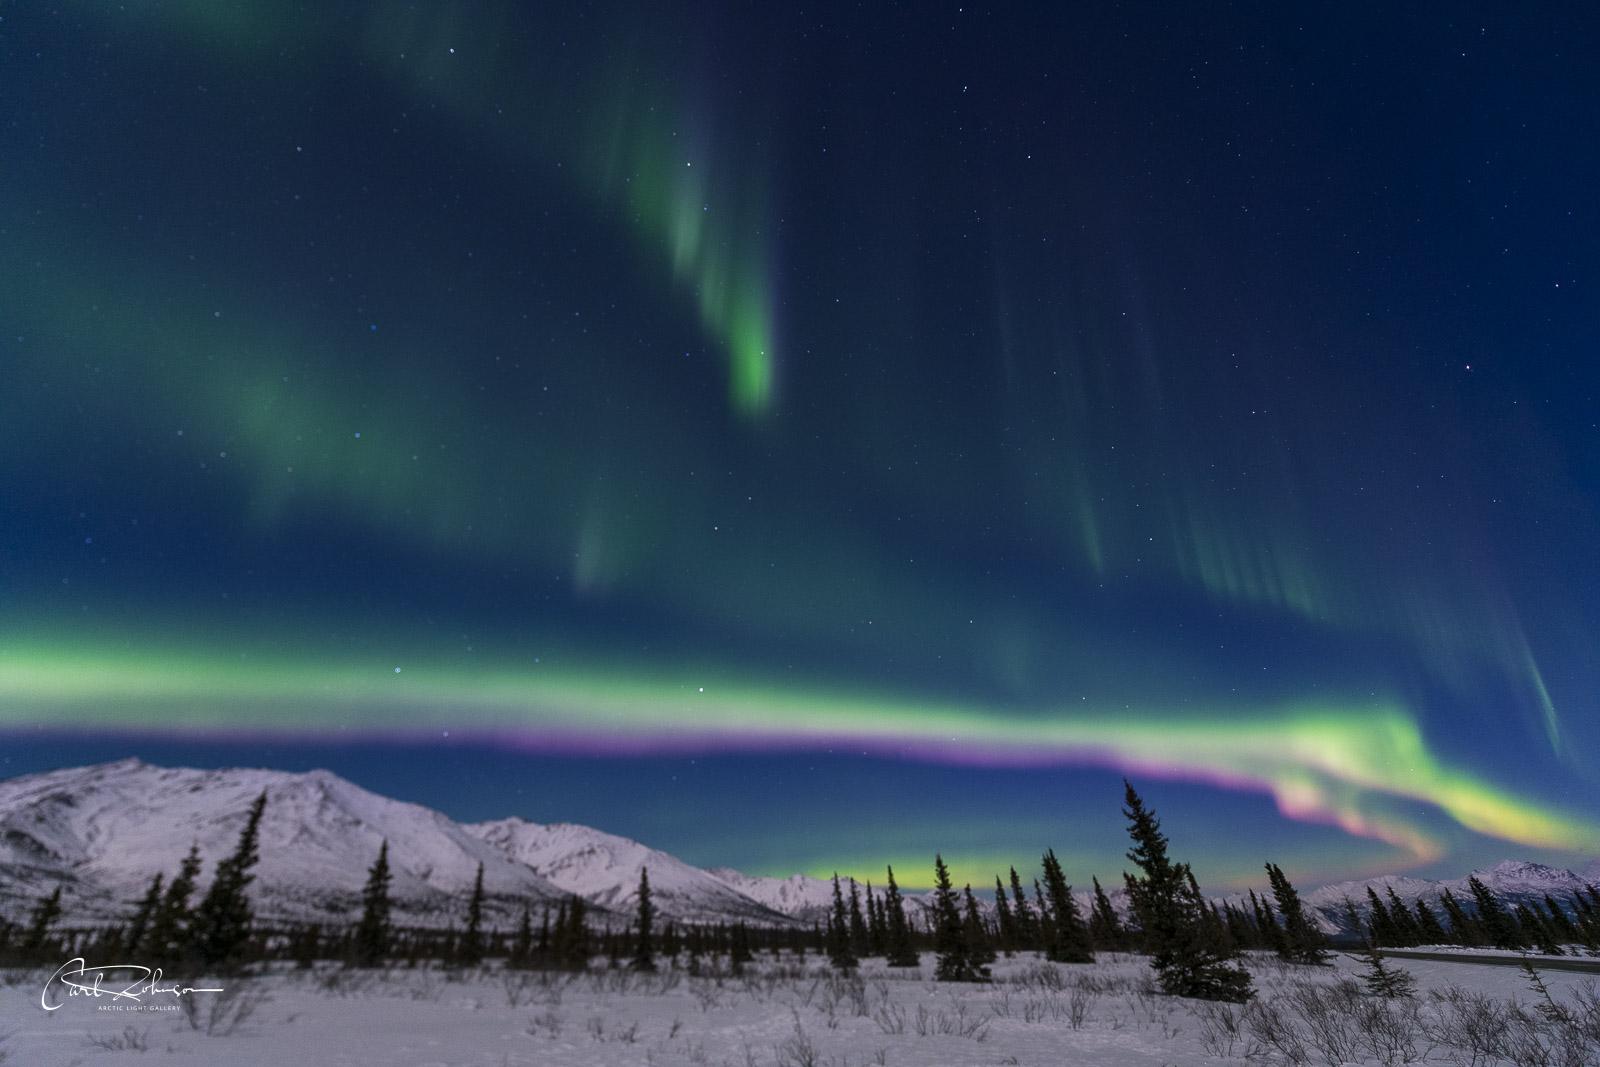 An active aurora borealis spans over the Alaska Range in winter.